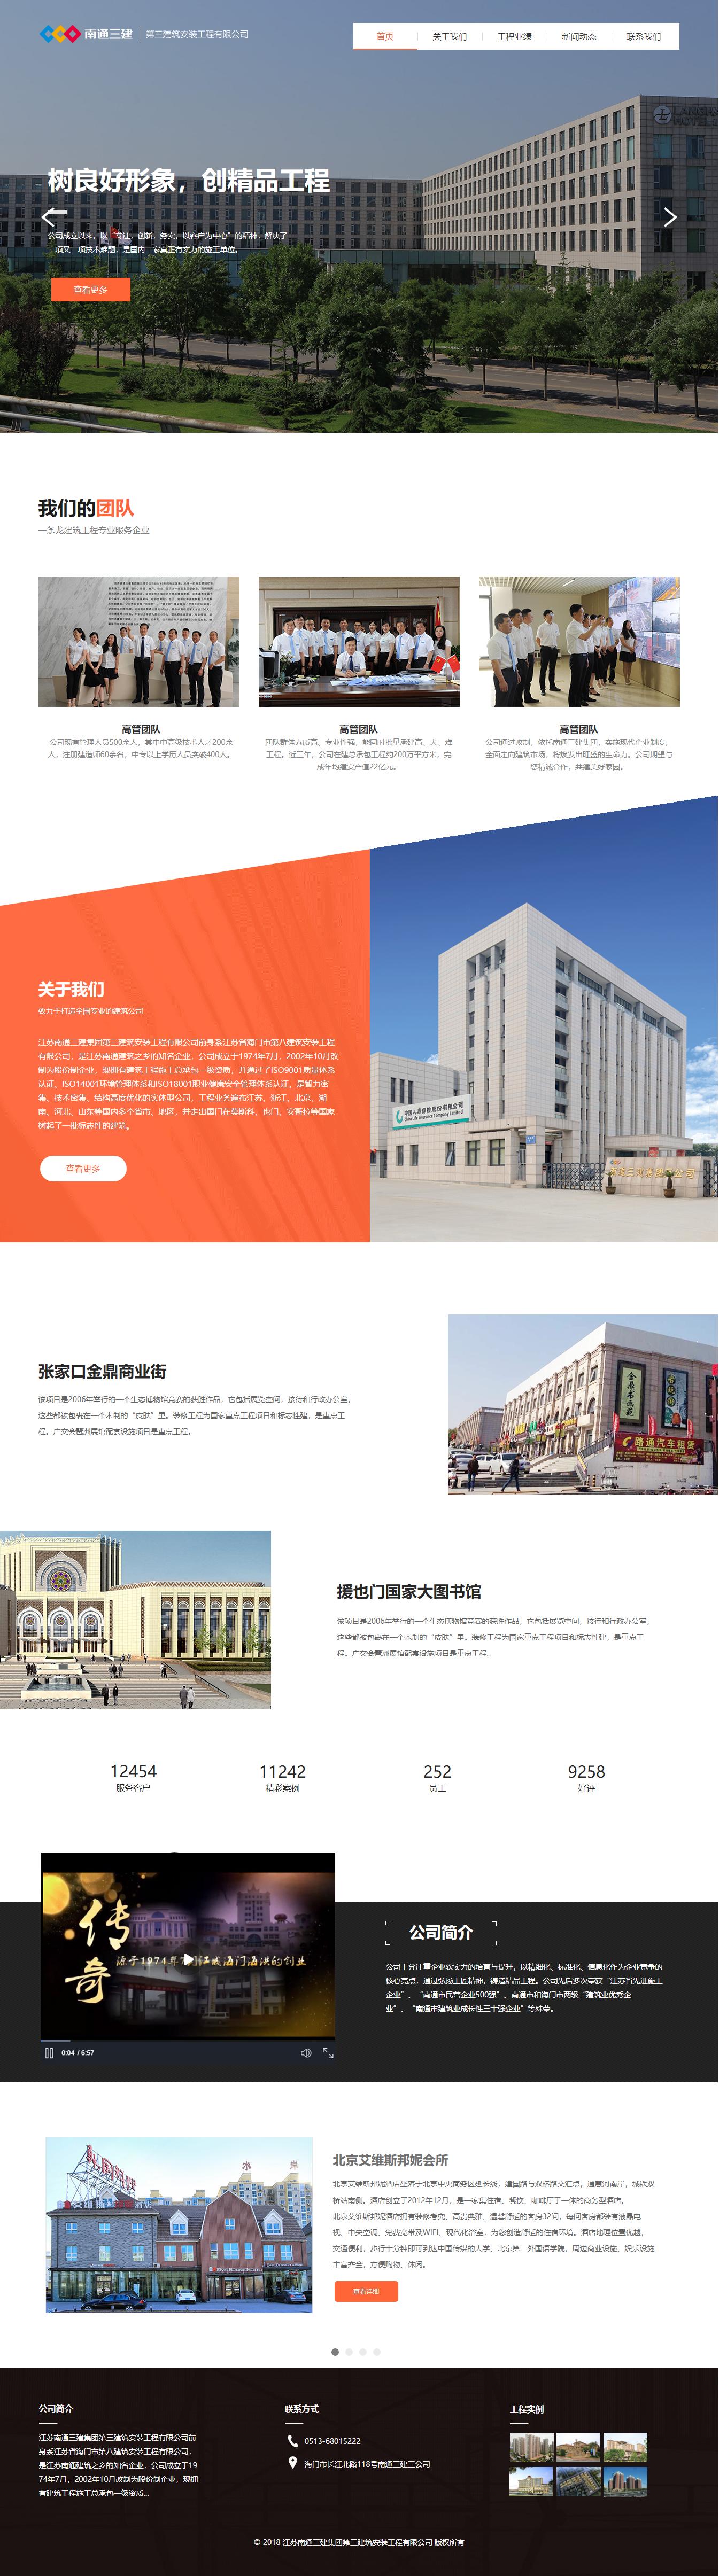 建筑工程安装网站建设案例